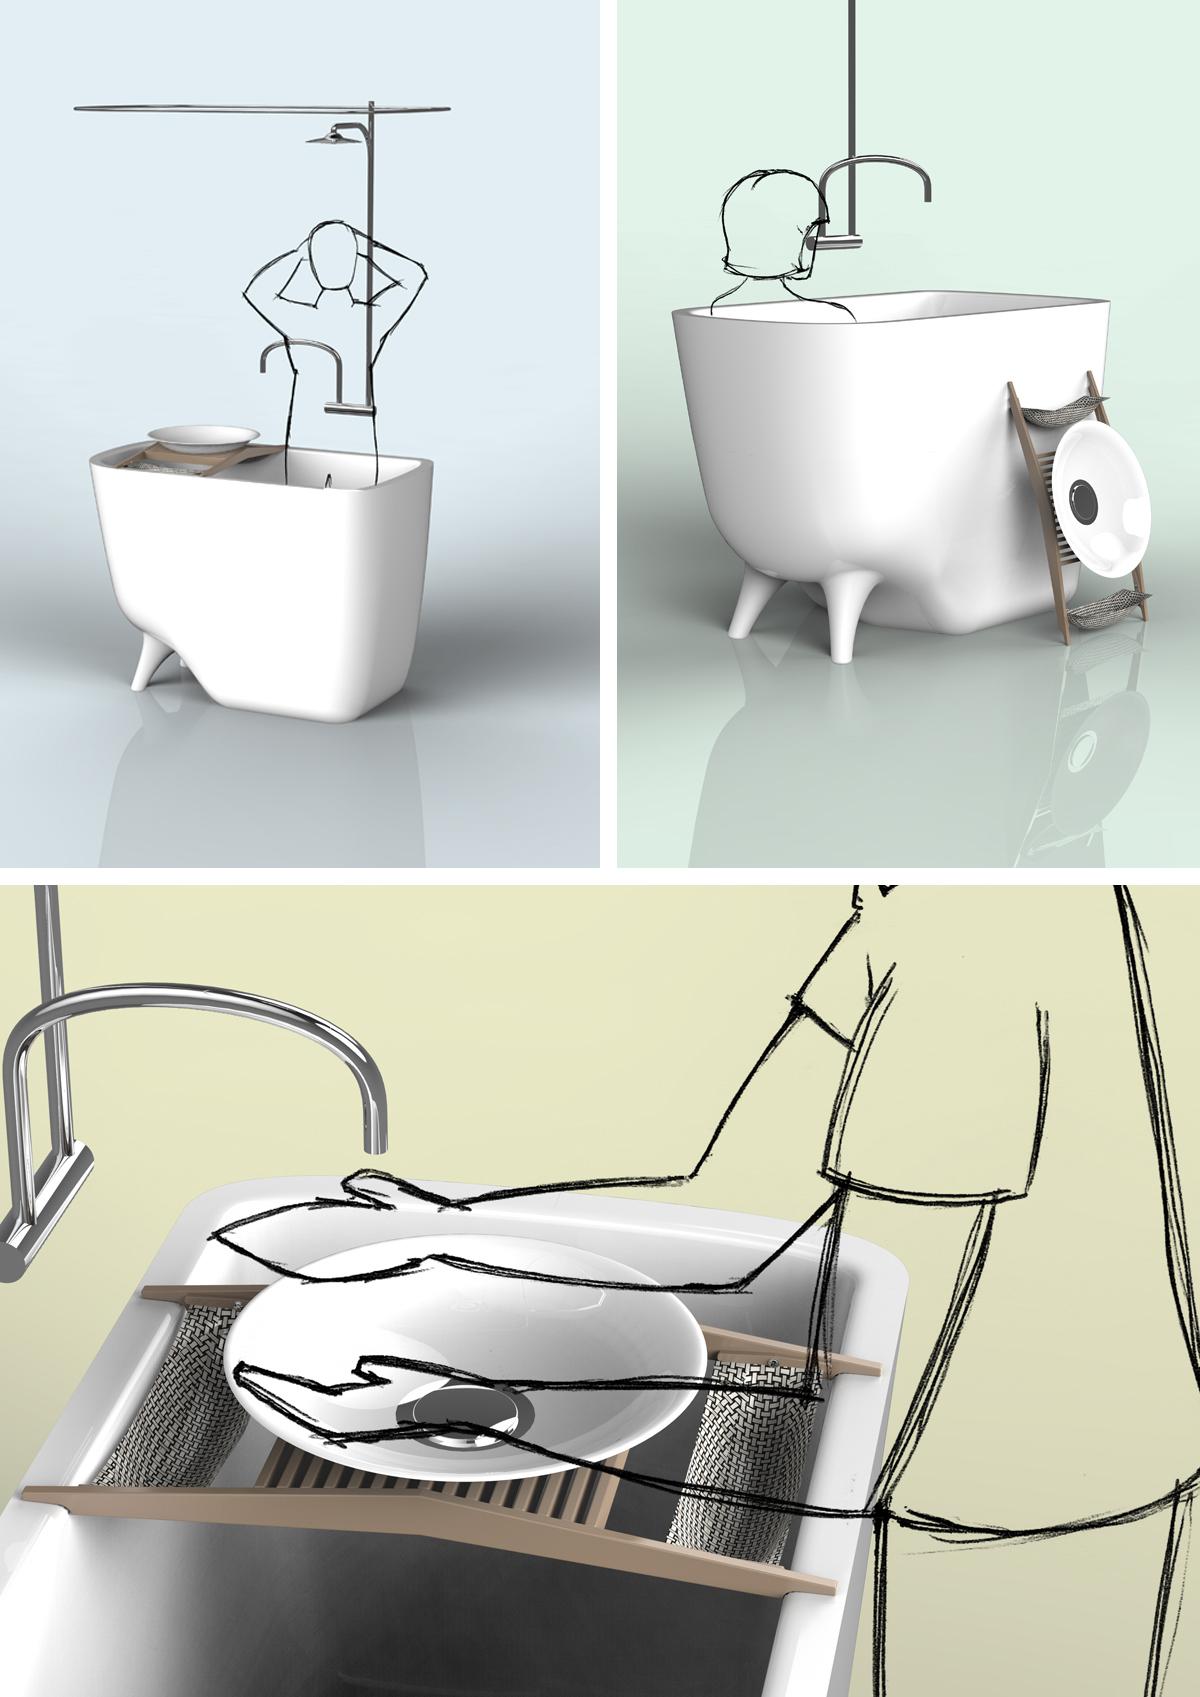 Проект Houdini, избранный в пятёрку лучших на конкурсе Hansgrohe Award 2014: Efficient Water Design